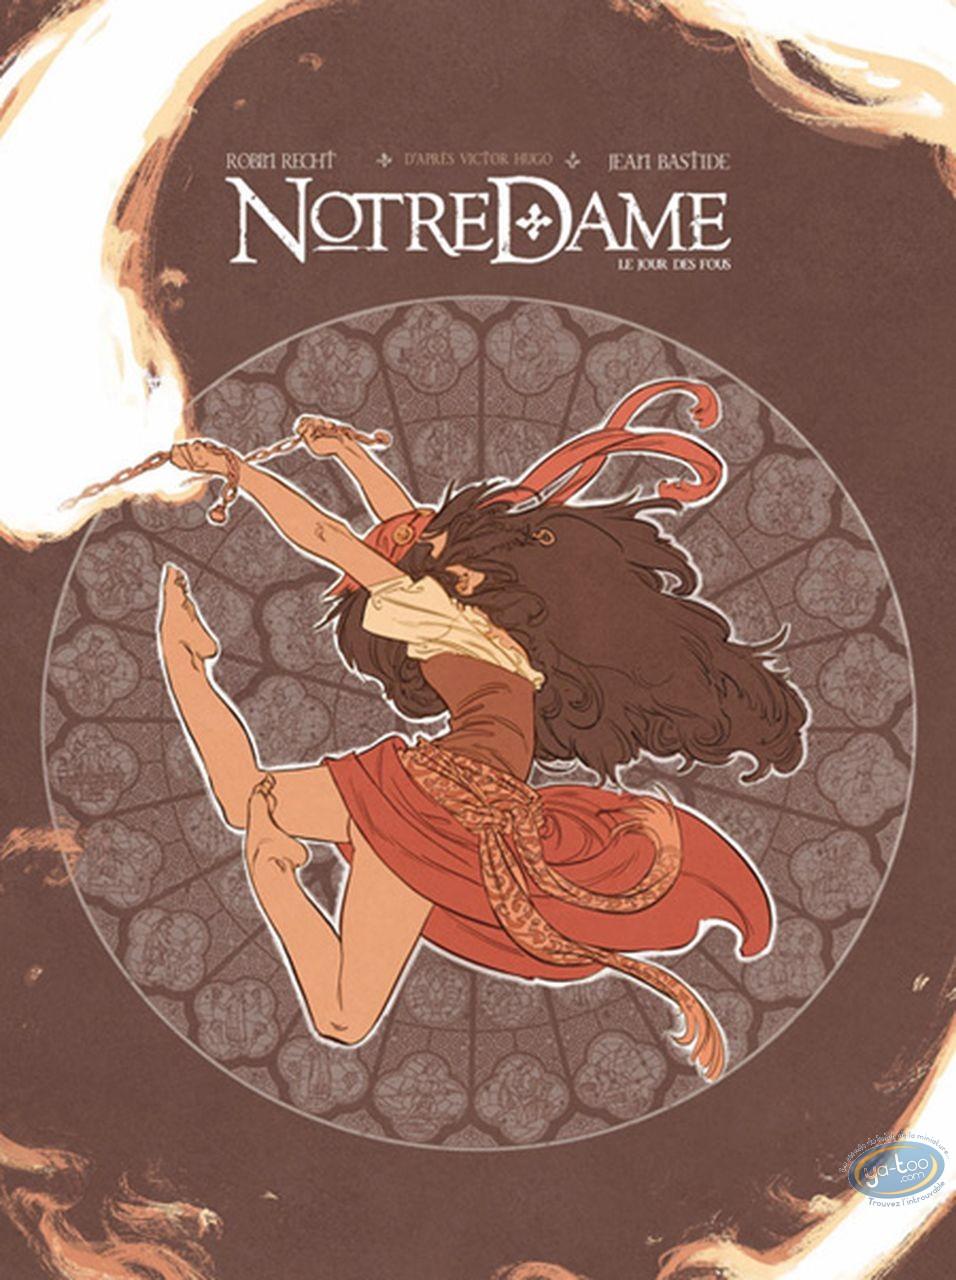 Tirage de tête, Notre Dame : Notre Dame